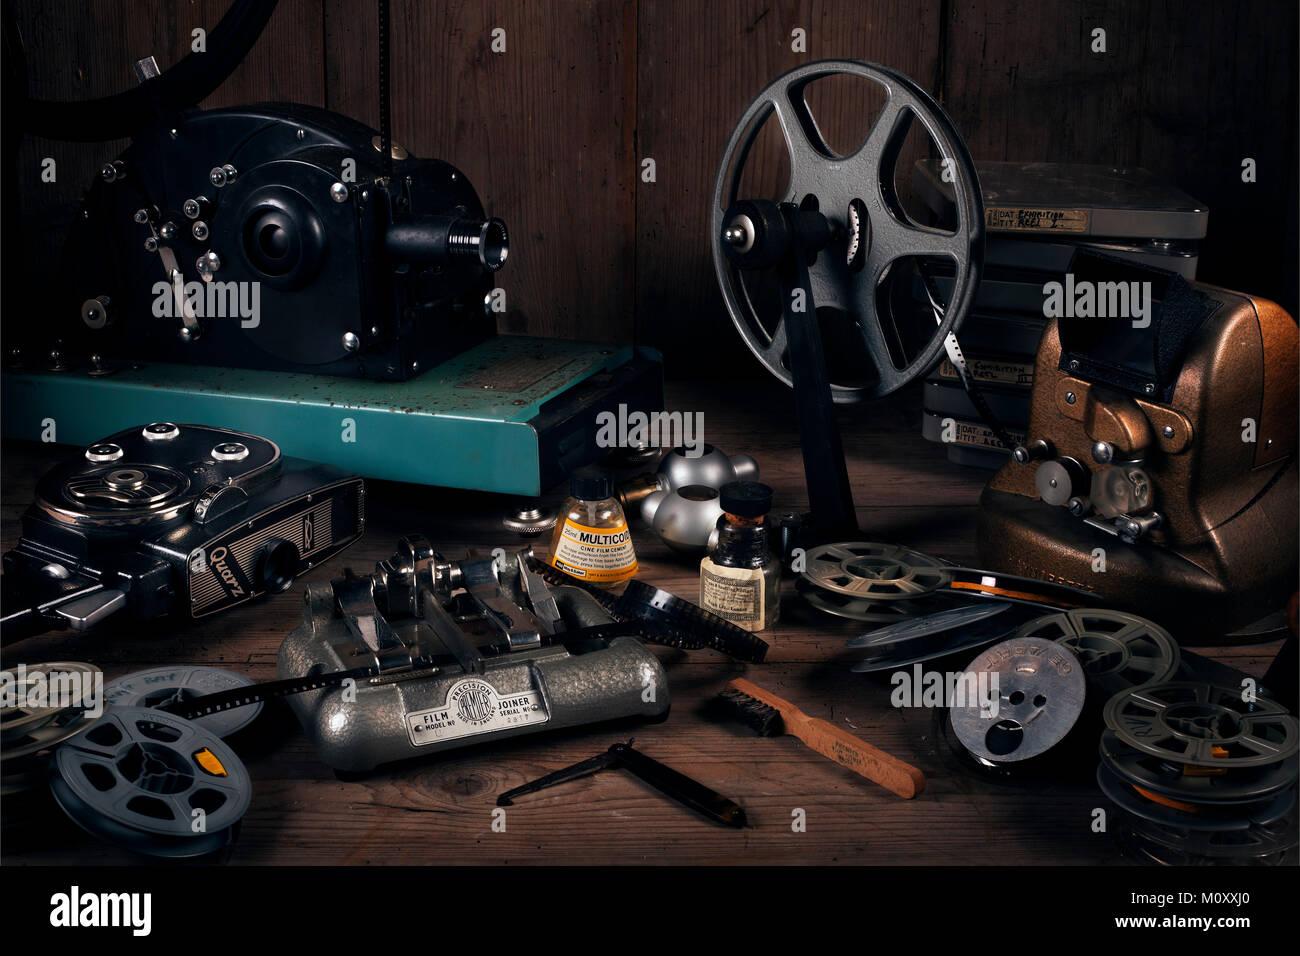 Todavía la vida material de película de cine. Equipos de cine en casa desde 1930 a 1950. Imagen De Stock